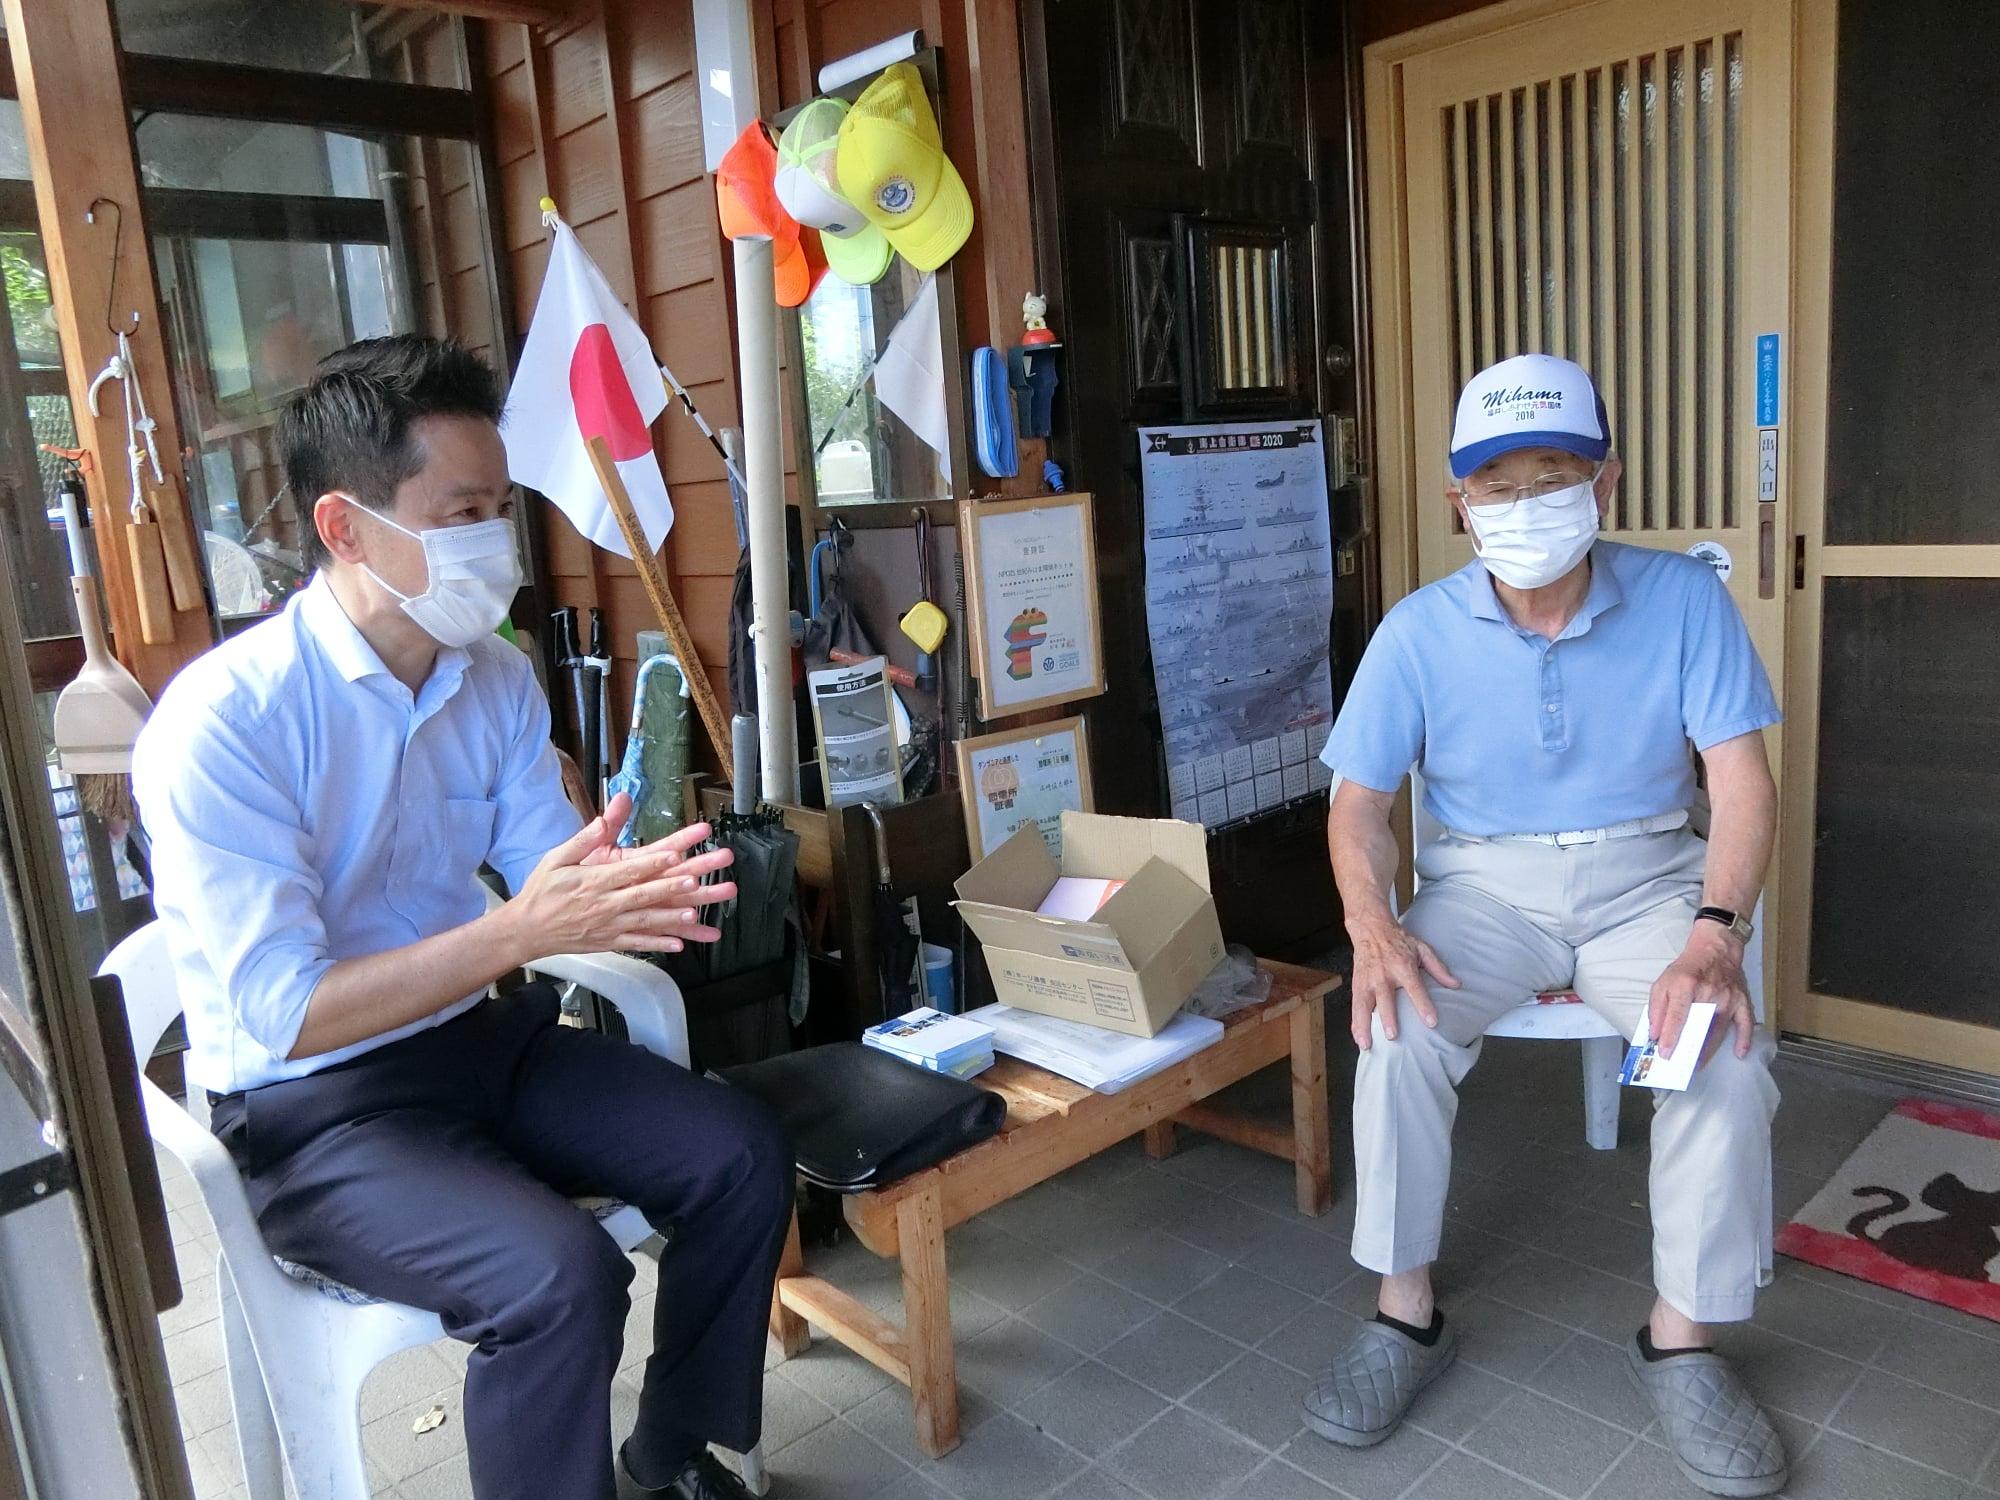 美浜、敦賀で旅行業の皆様から様々なご意見をいただきました。